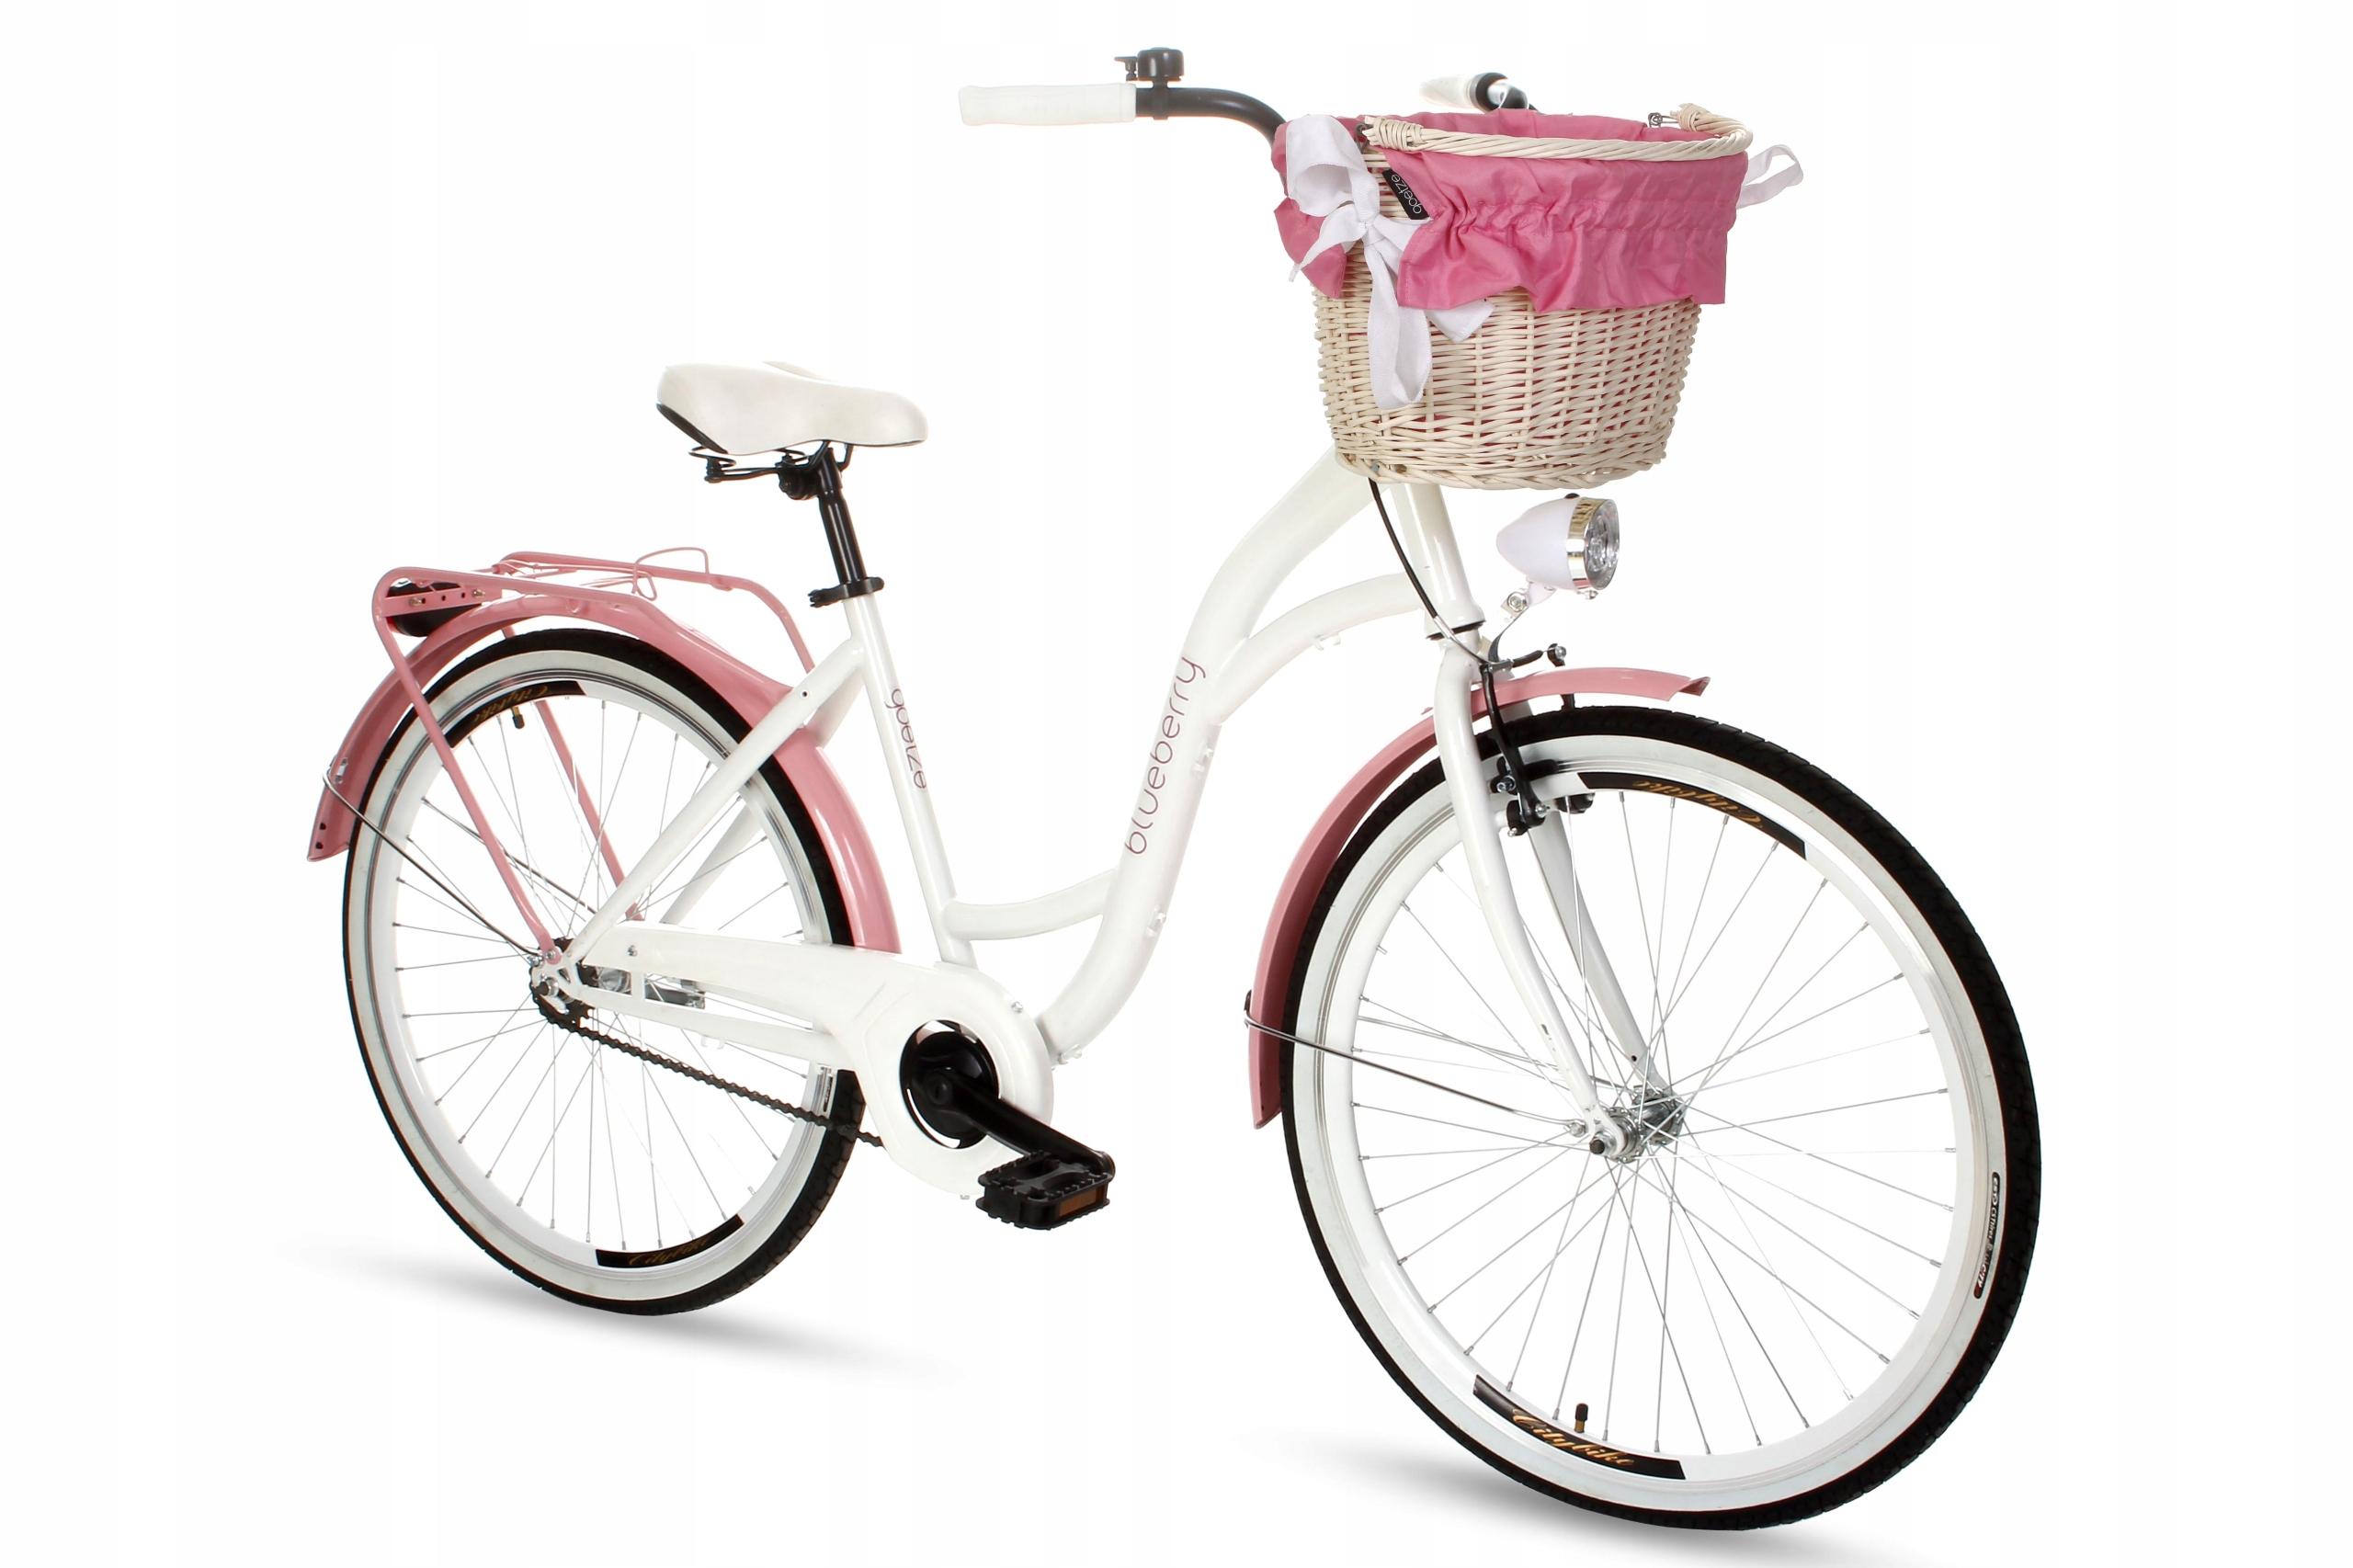 Dámsky mestský bicykel Goetze BLUEBERRY 26 košík!  Farba iná